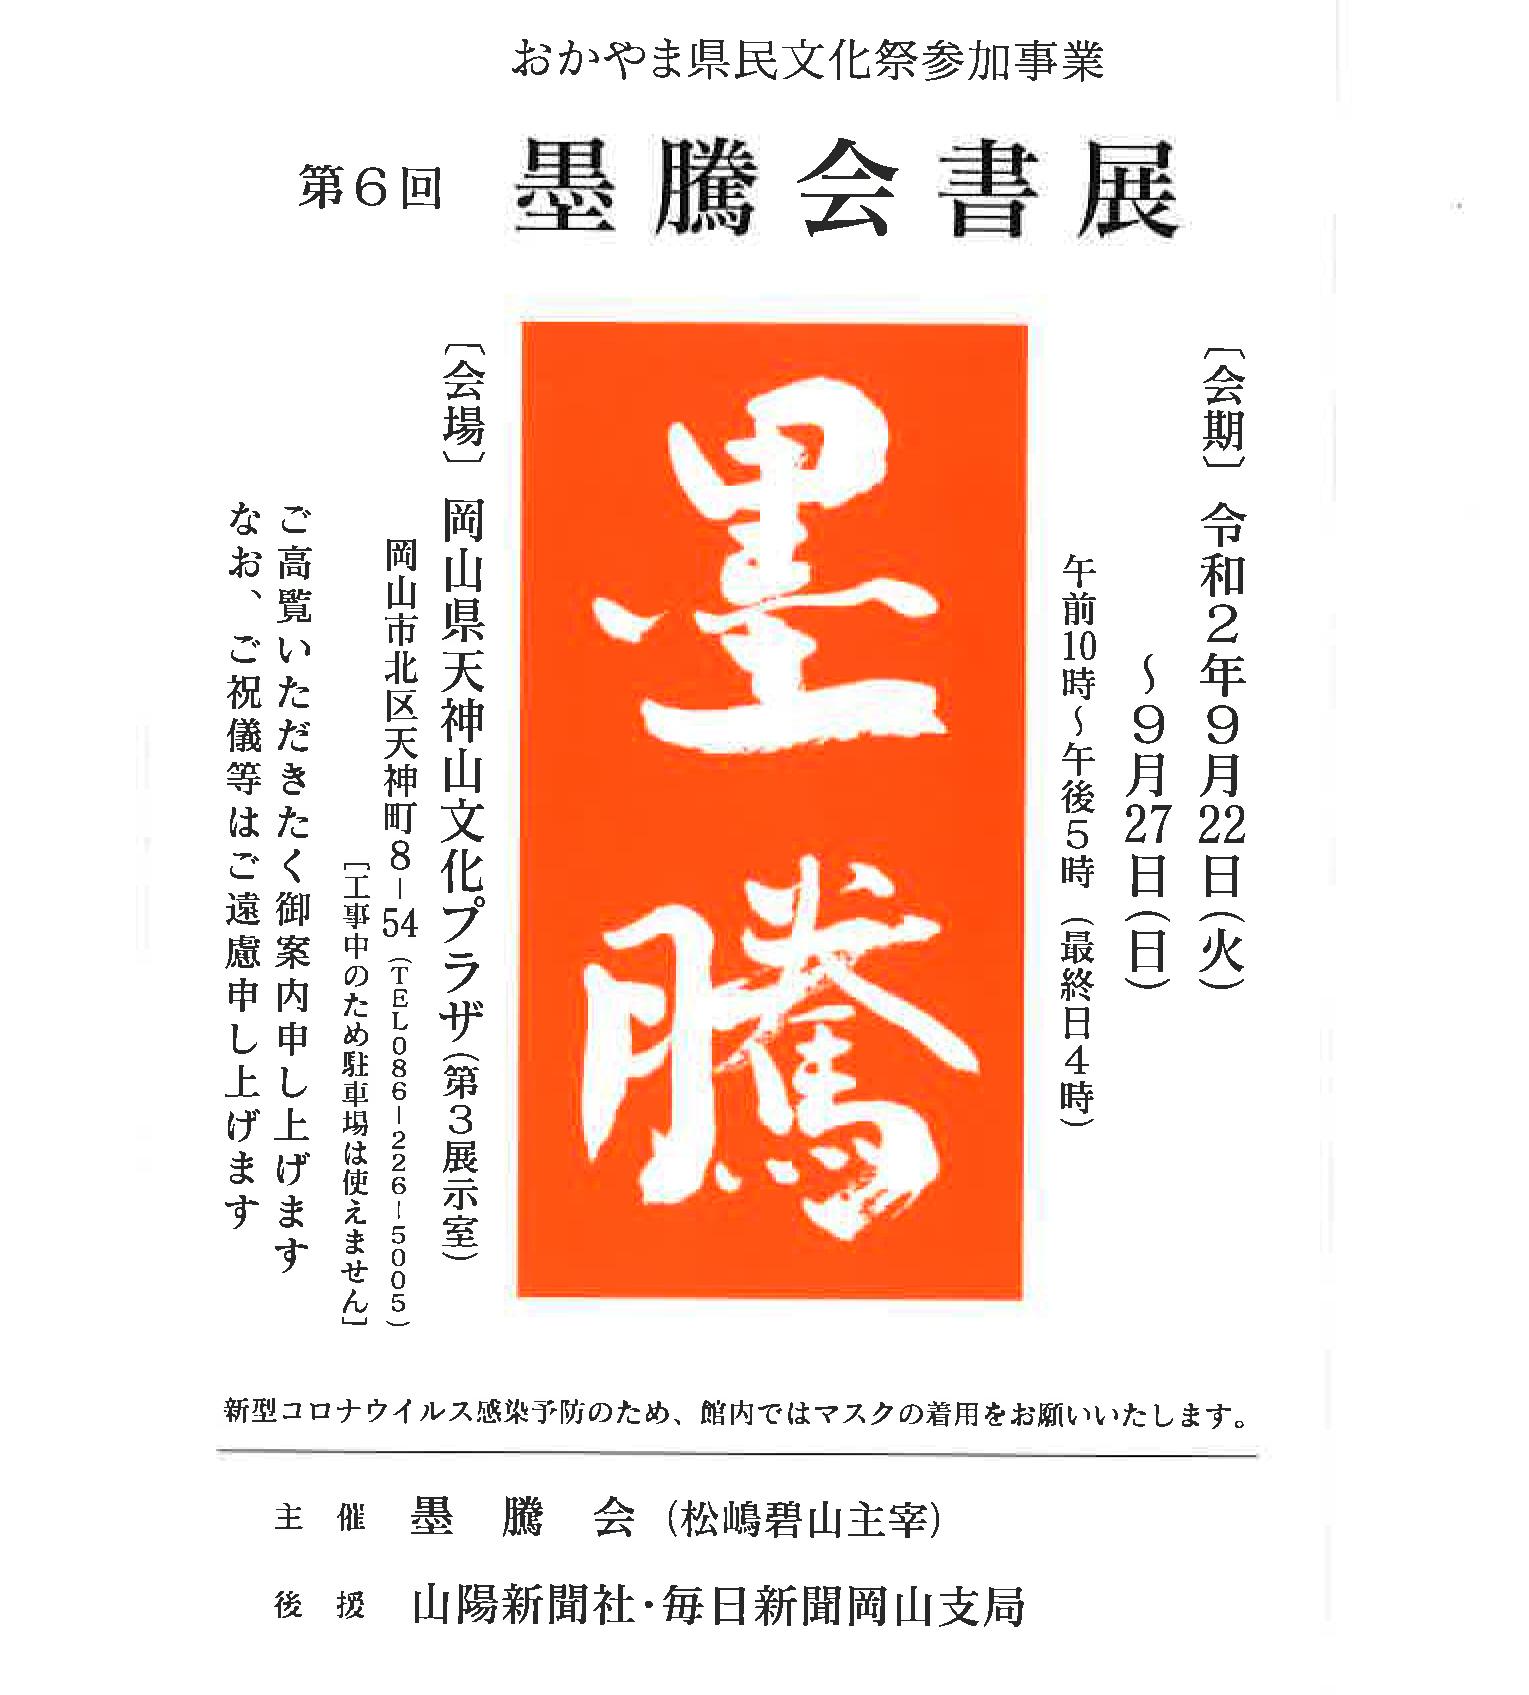 【展覧会情報】第6回墨騰会書展